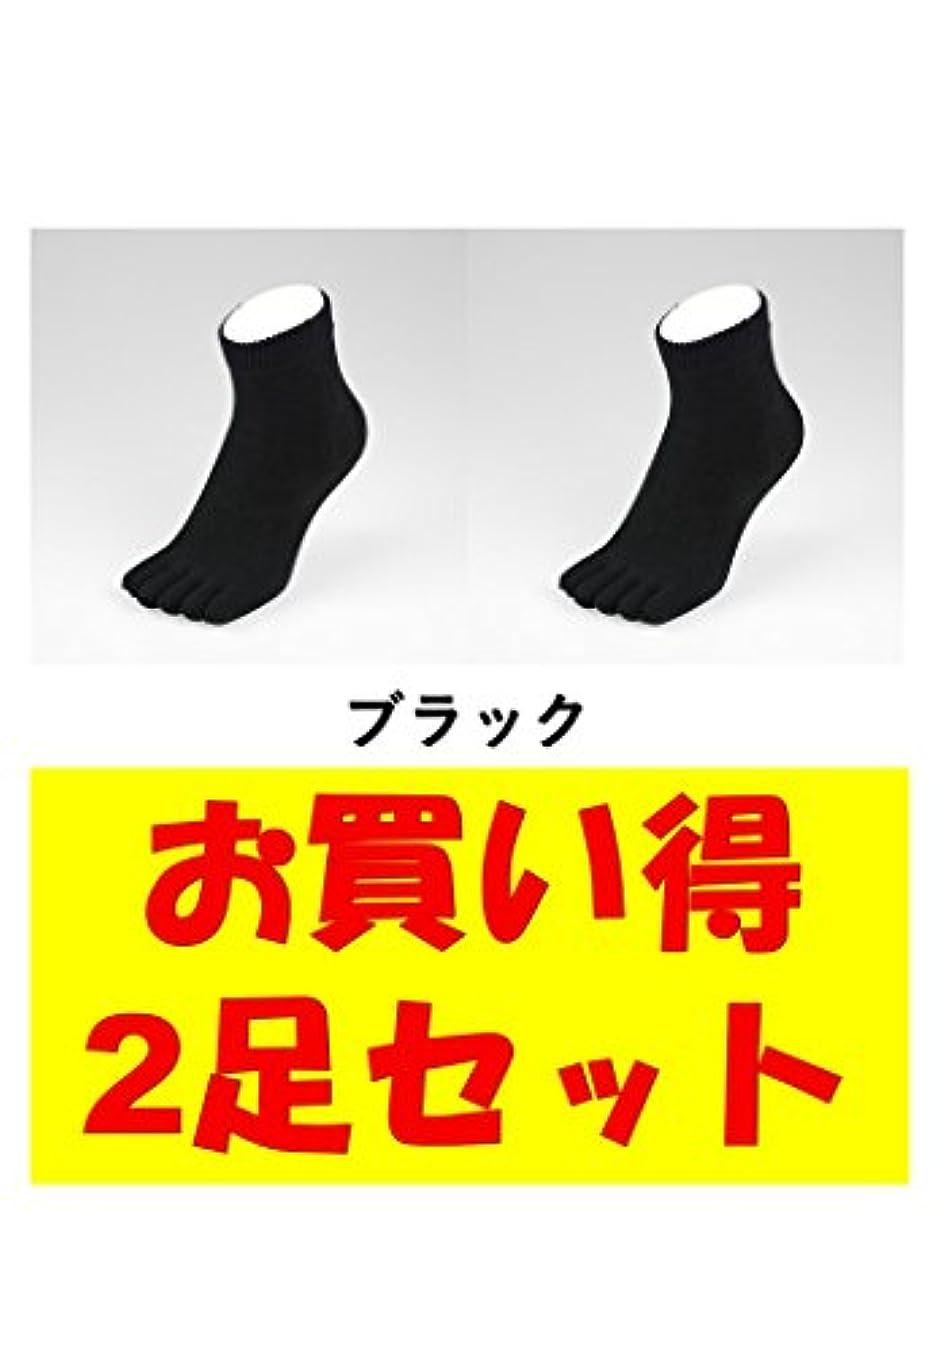 多分散らす手を差し伸べるお買い得2足セット 5本指 ゆびのばソックス Neo EVE(イヴ) ブラック Sサイズ(21.0cm - 24.0cm) YSNEVE-BLK